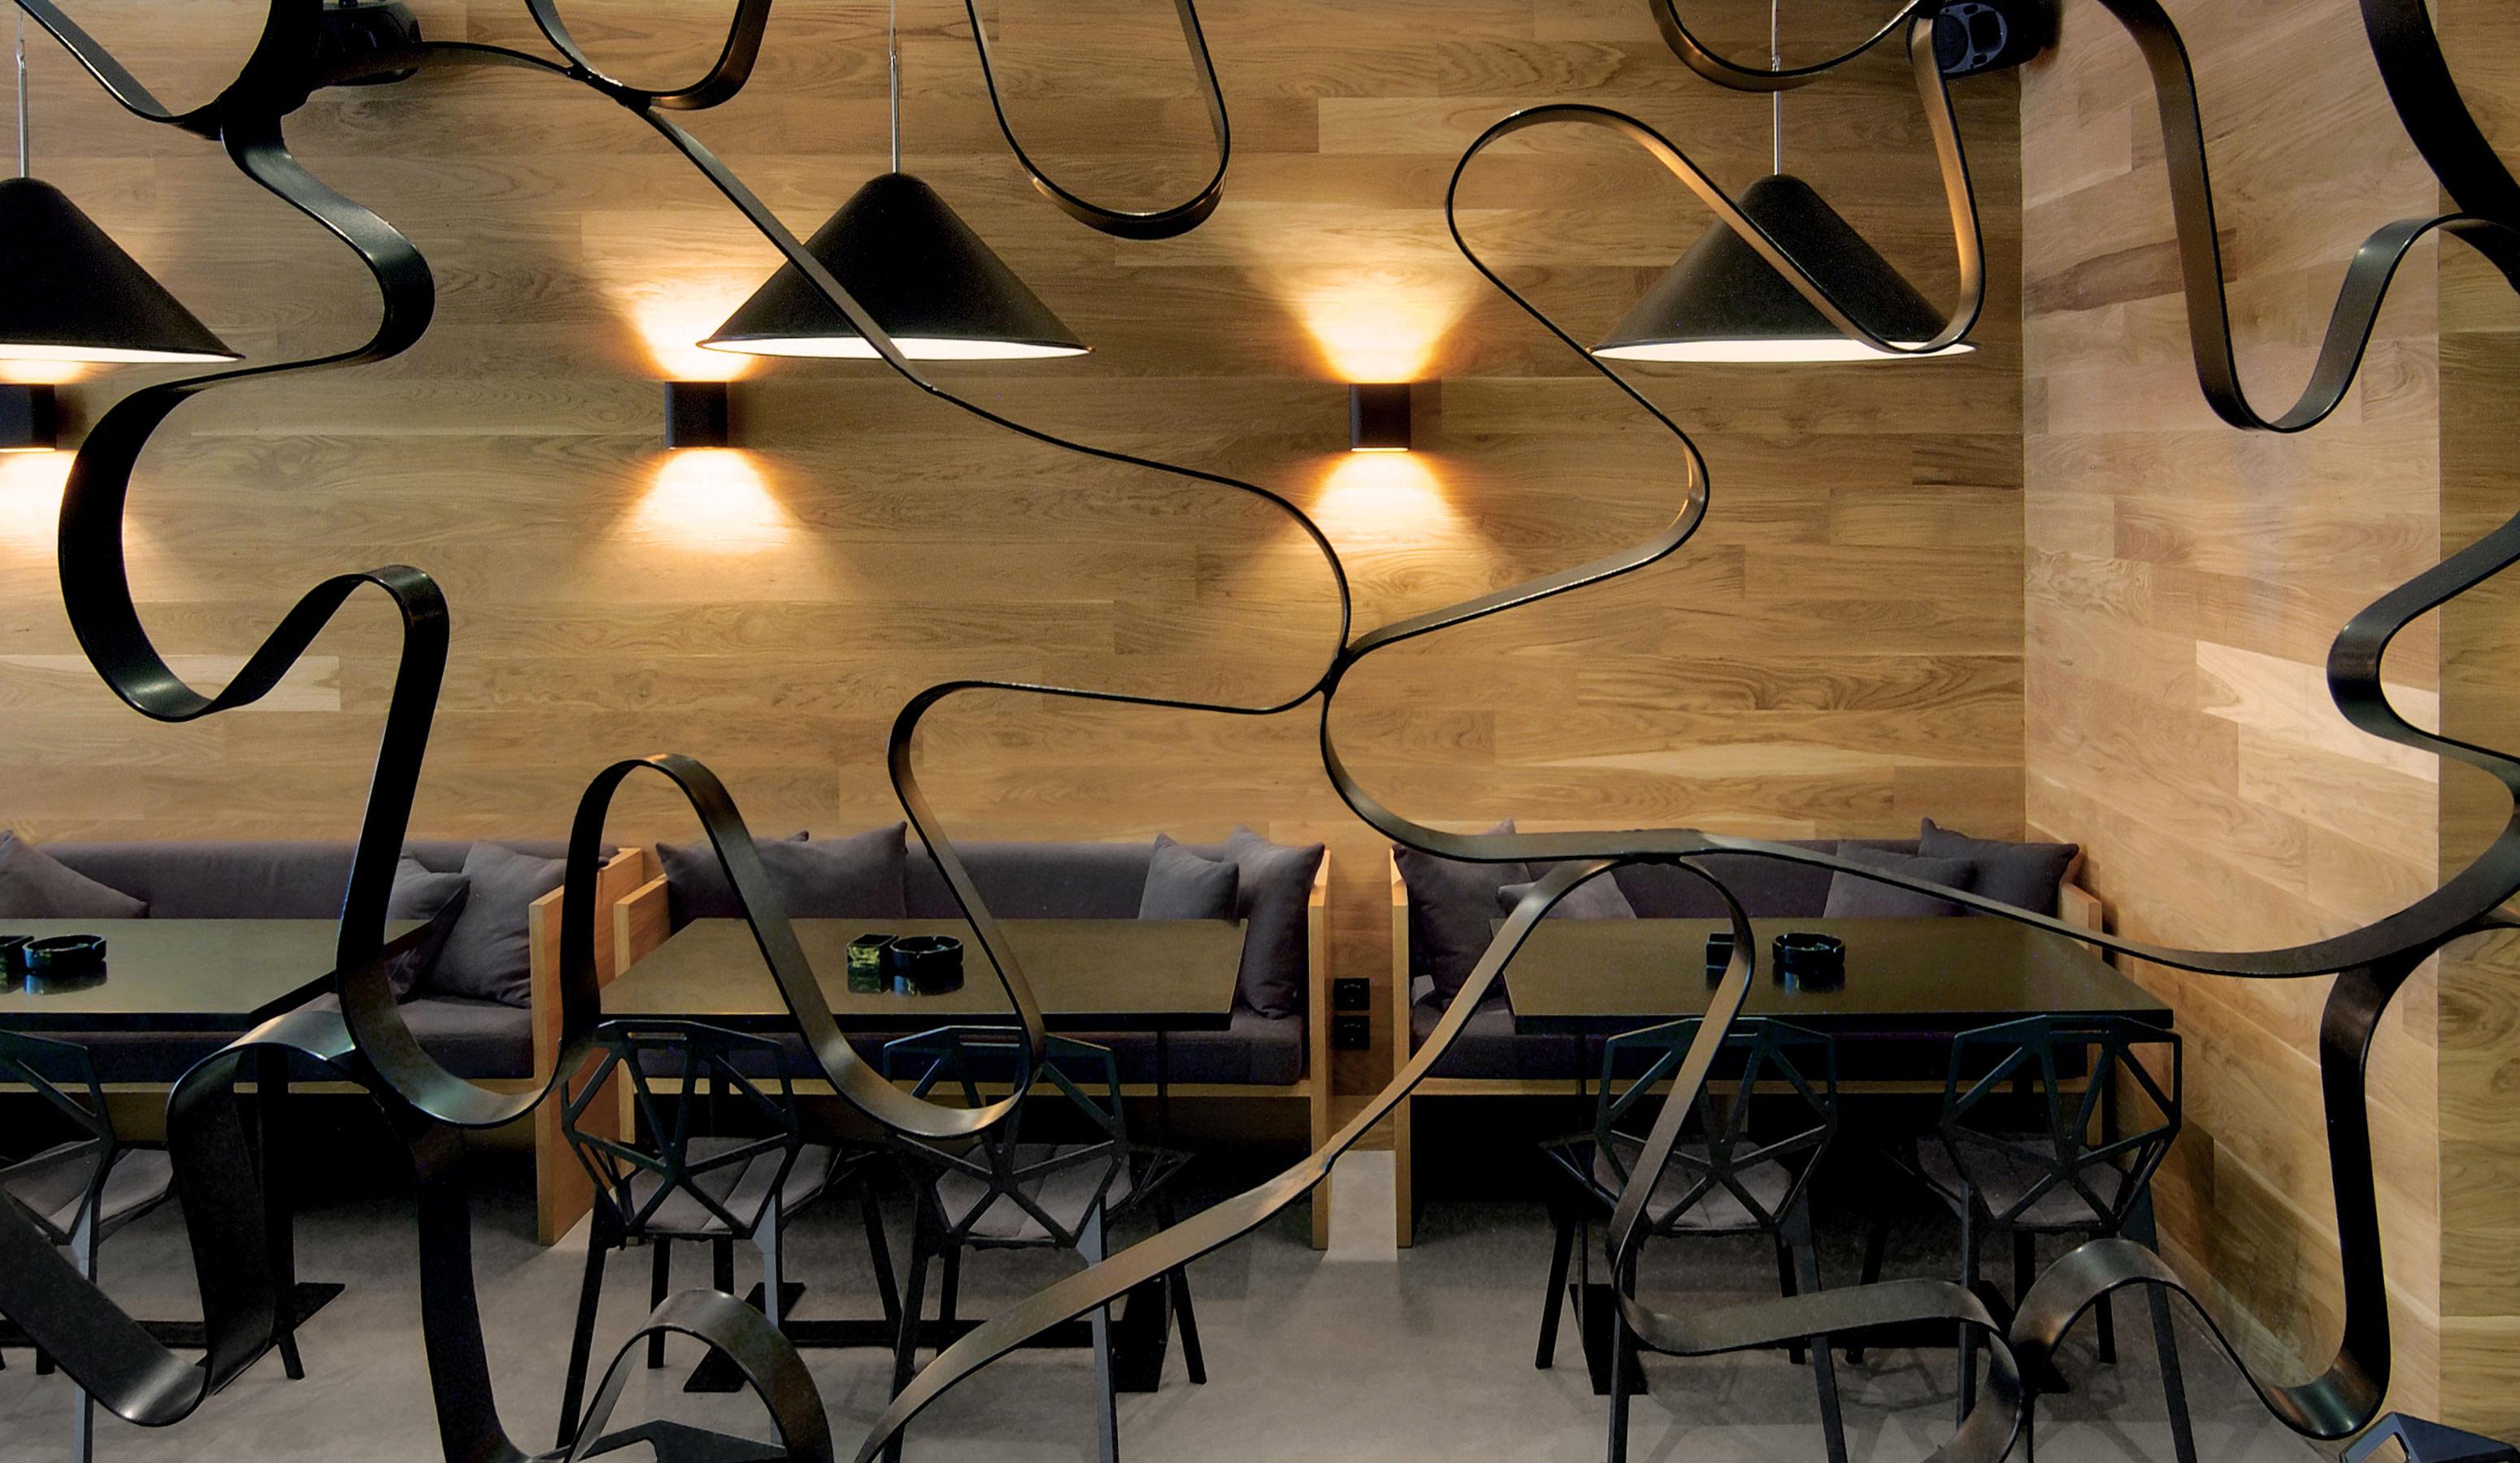 Nest contemporary cafe restaurant designed by Reform Design, Cyprus.